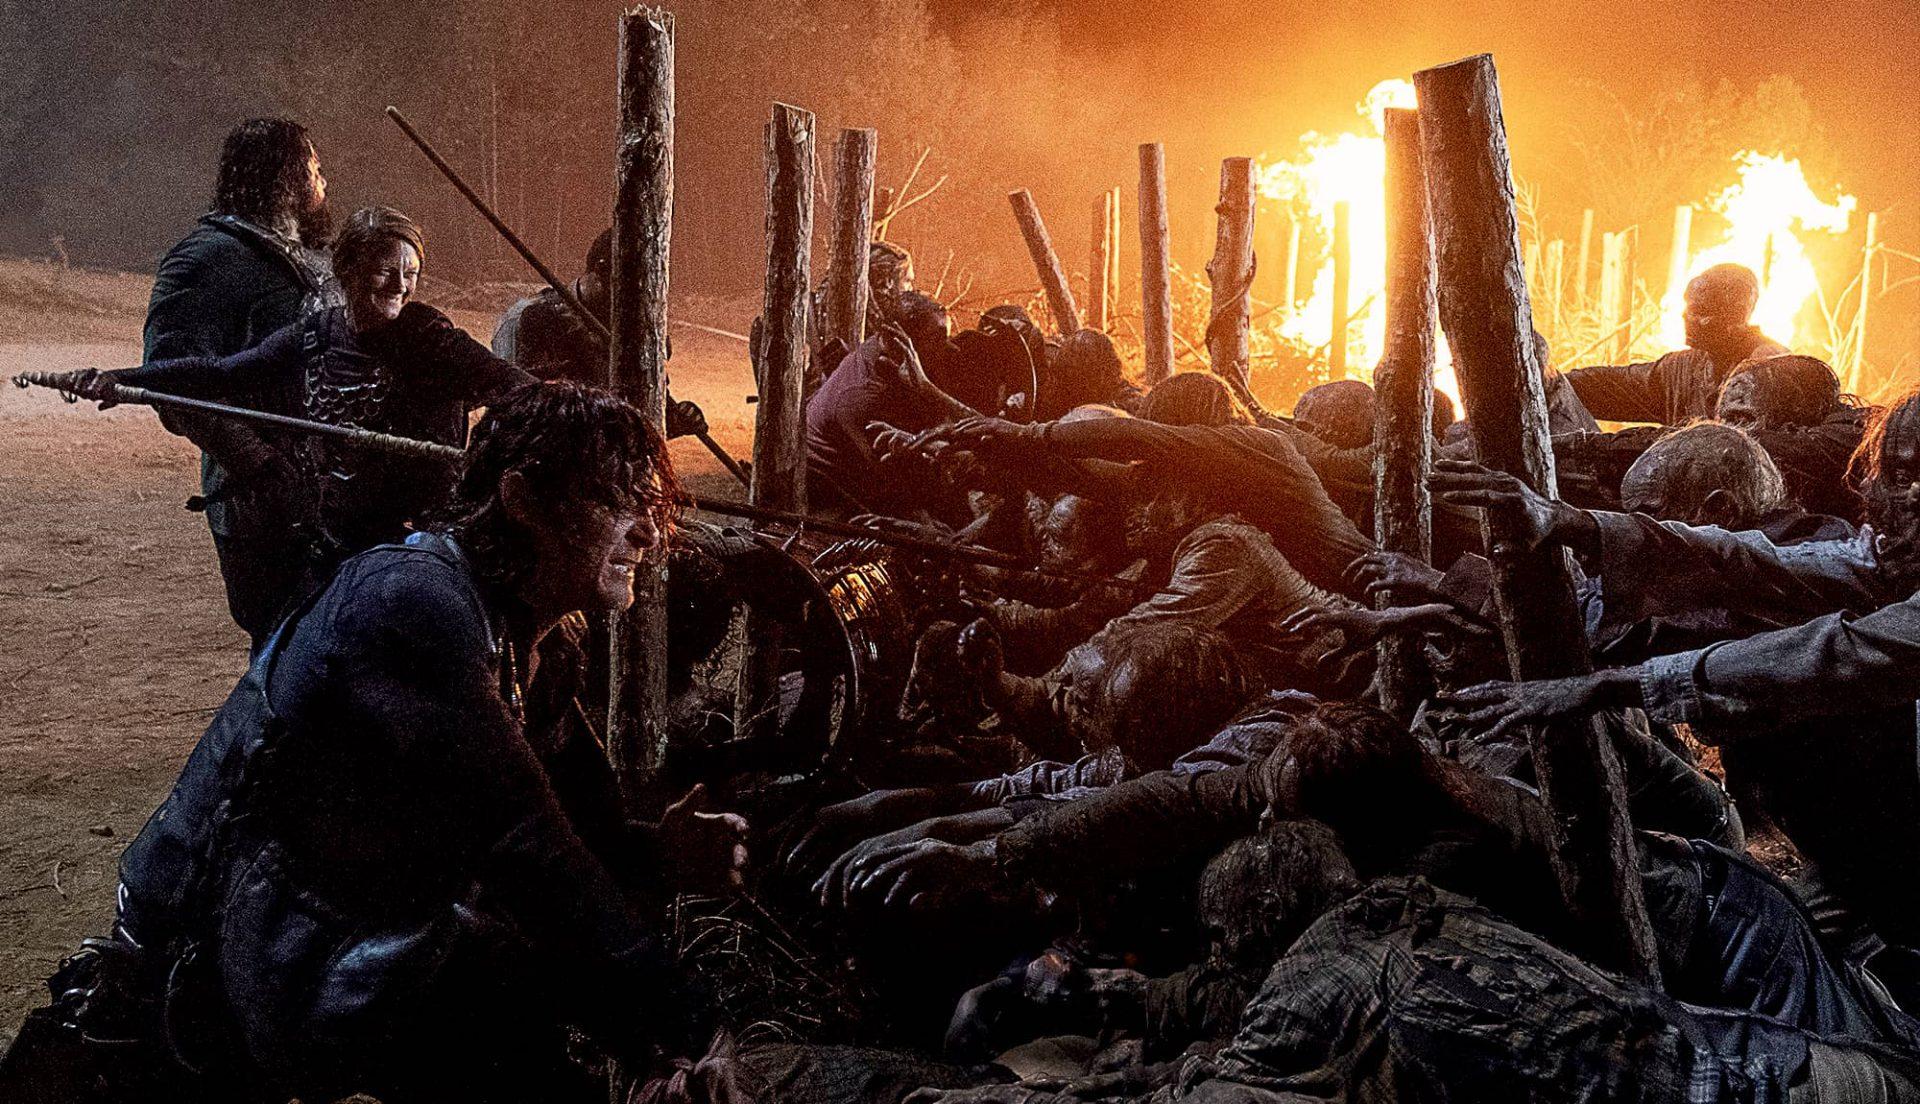 Fake news cu poze din The Walking Dead: cum a ajuns serialul despre o apocalipsă zombie să fie subiectul unei dezinformări